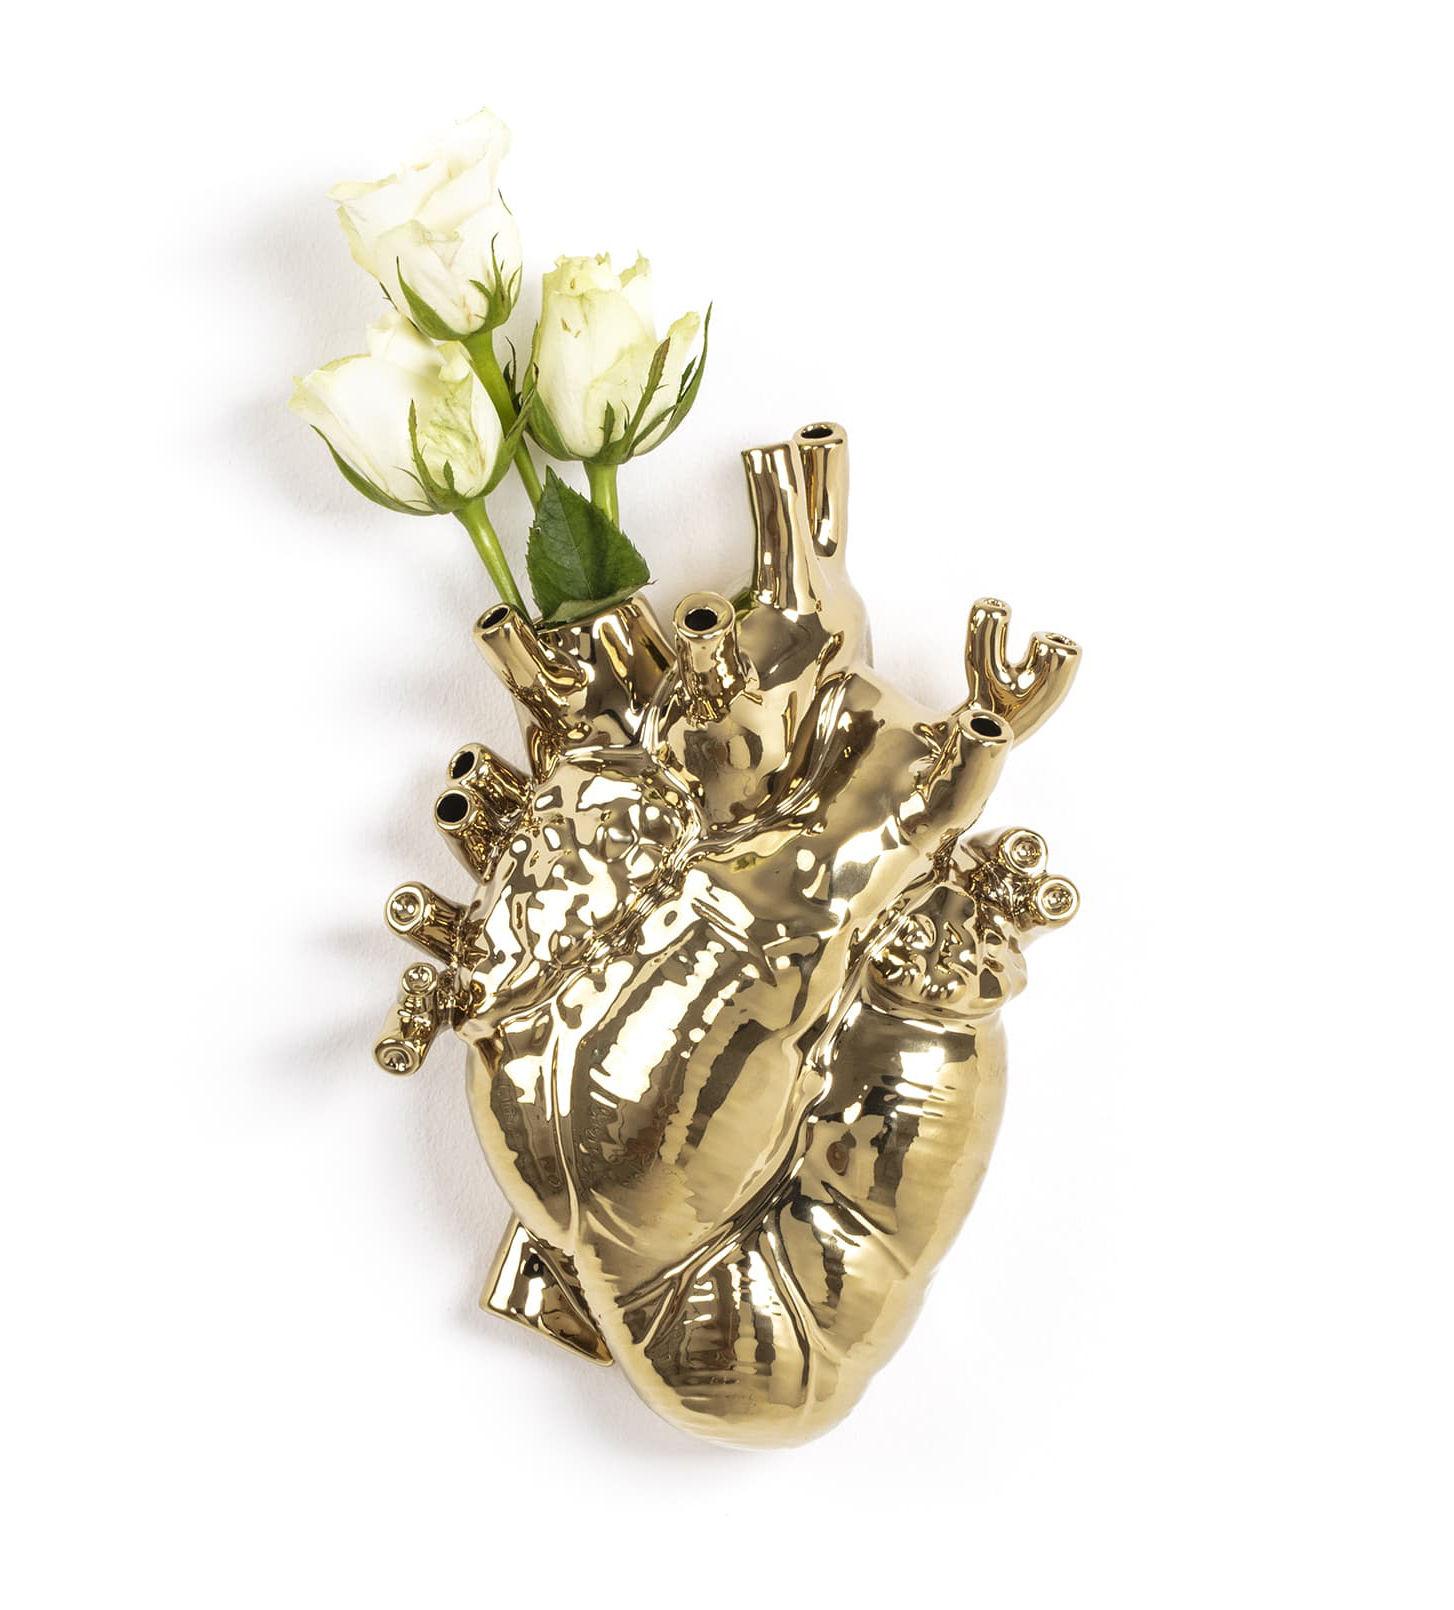 Déco - Vases - Vase Love in Bloom / Coeur humain - Seletti - Or - Porcelaine peinte